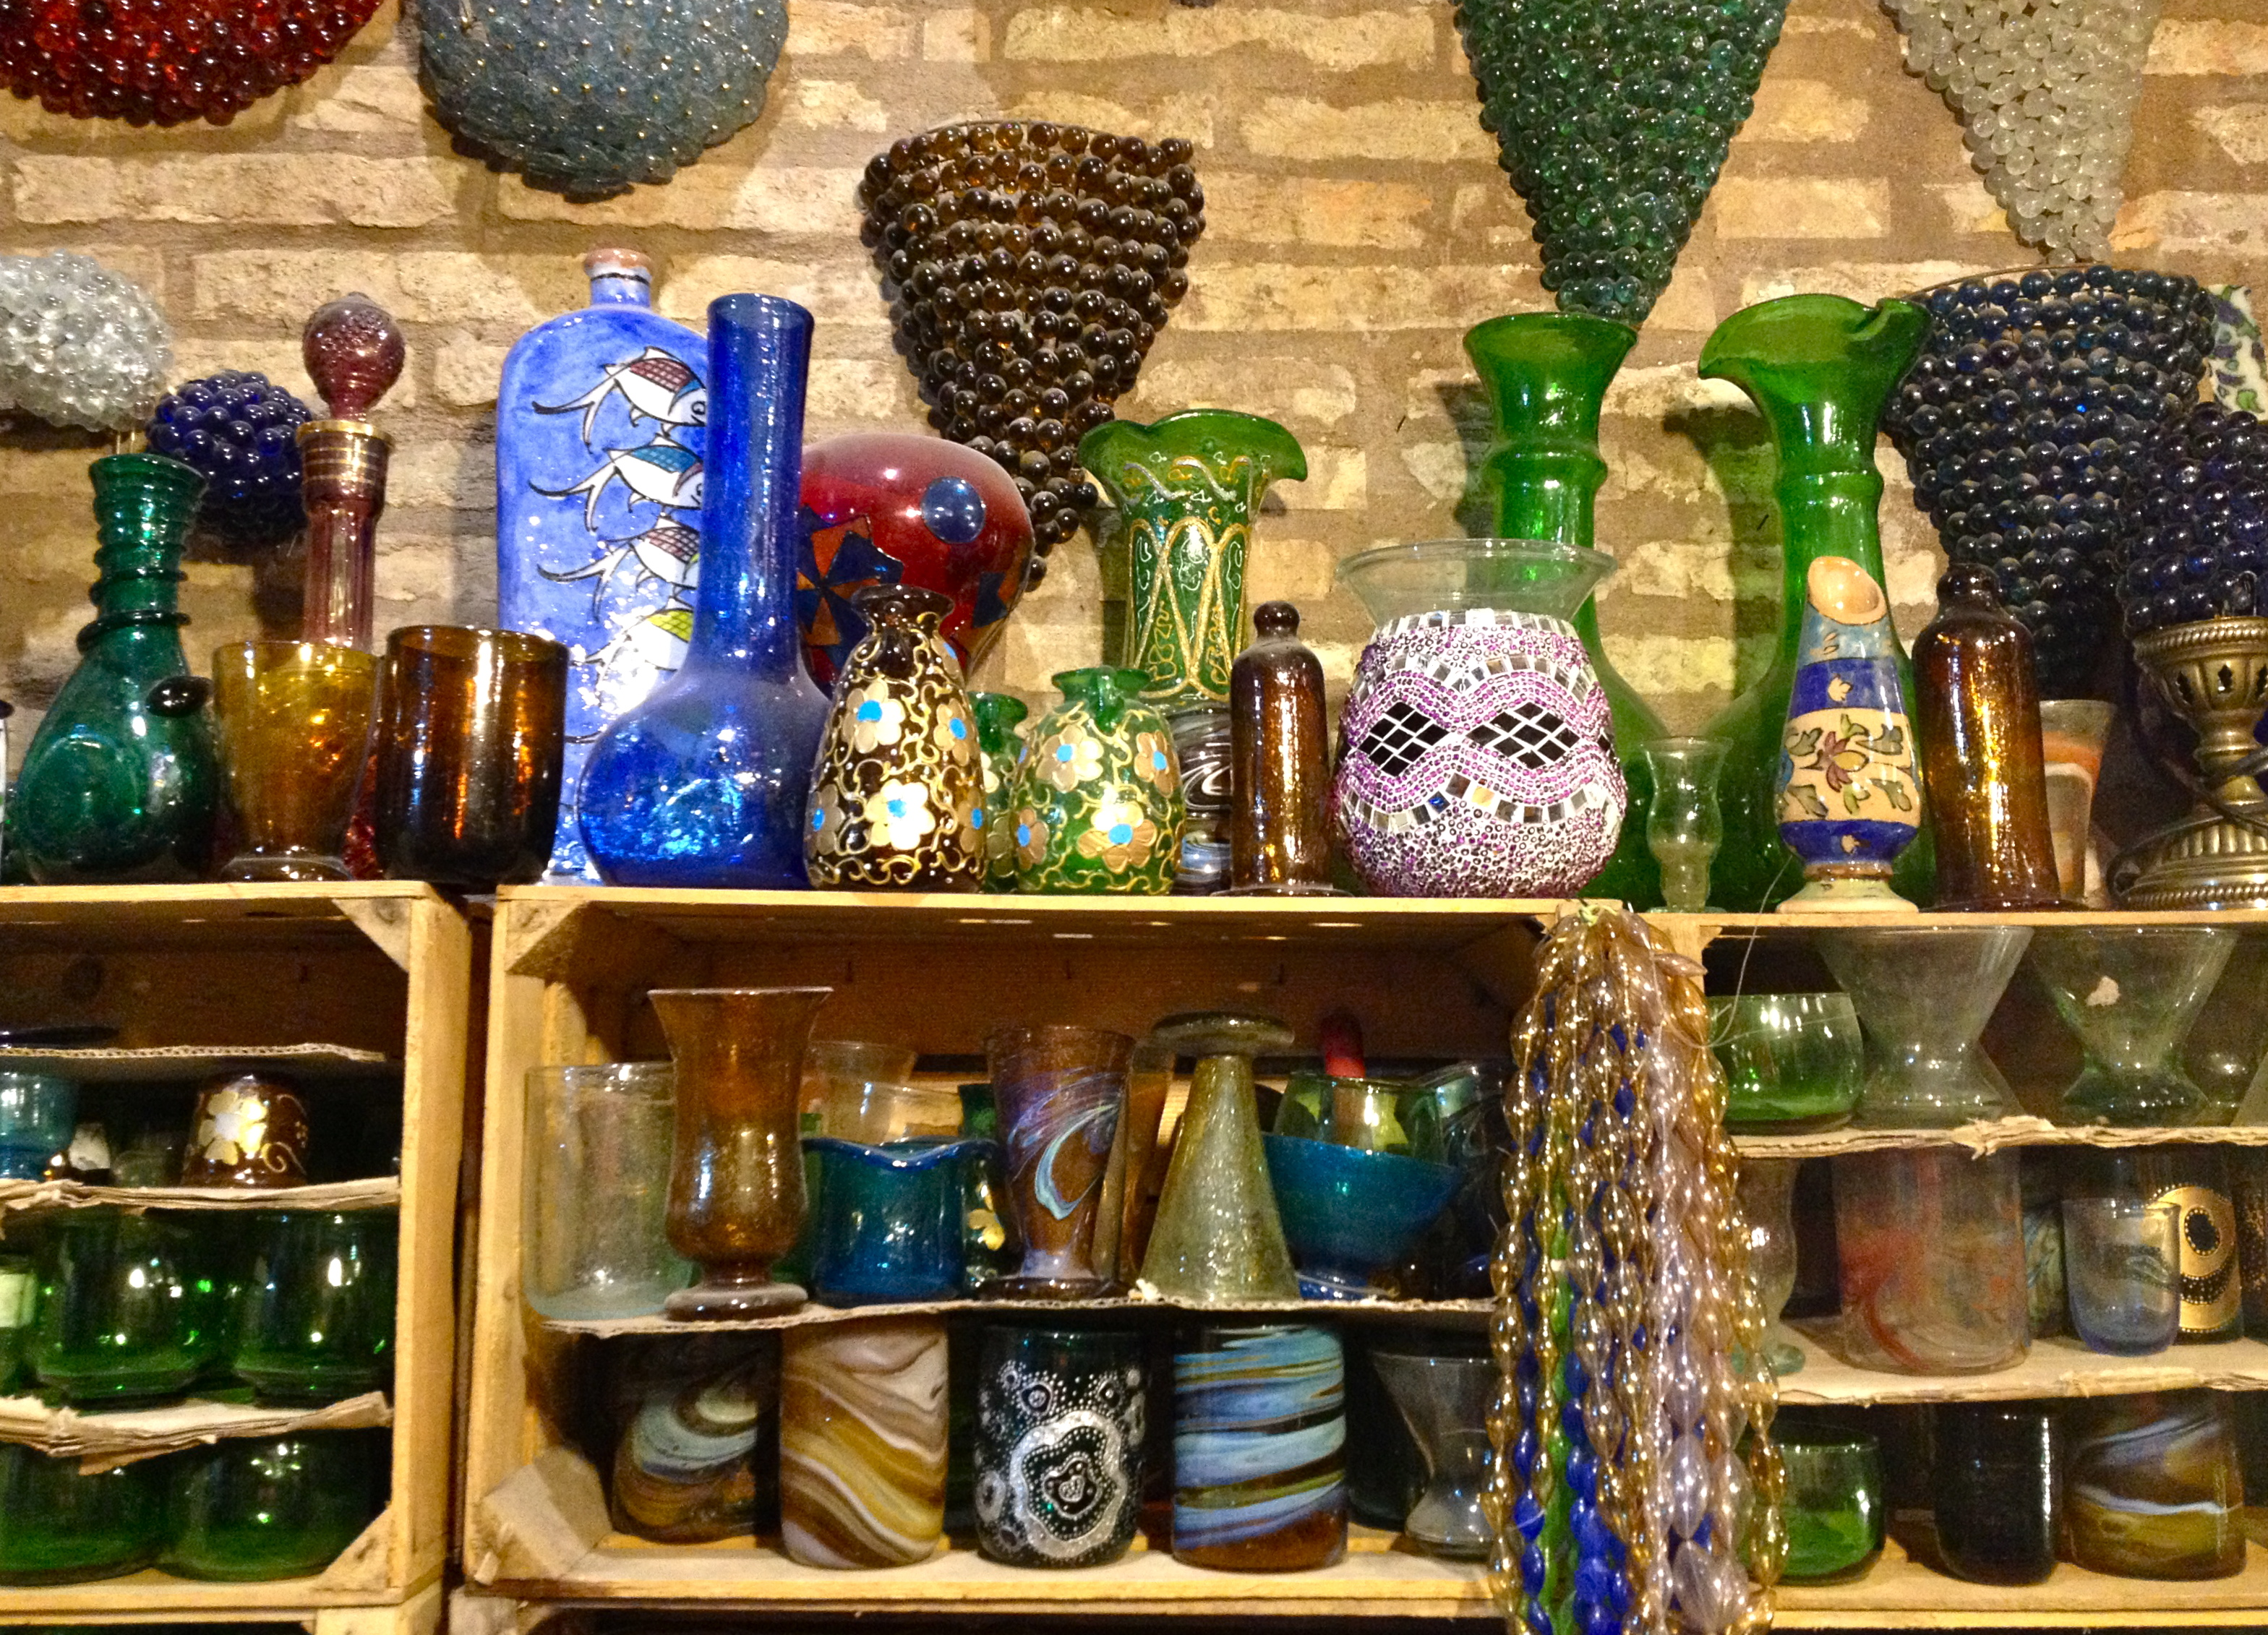 Shelves of glass